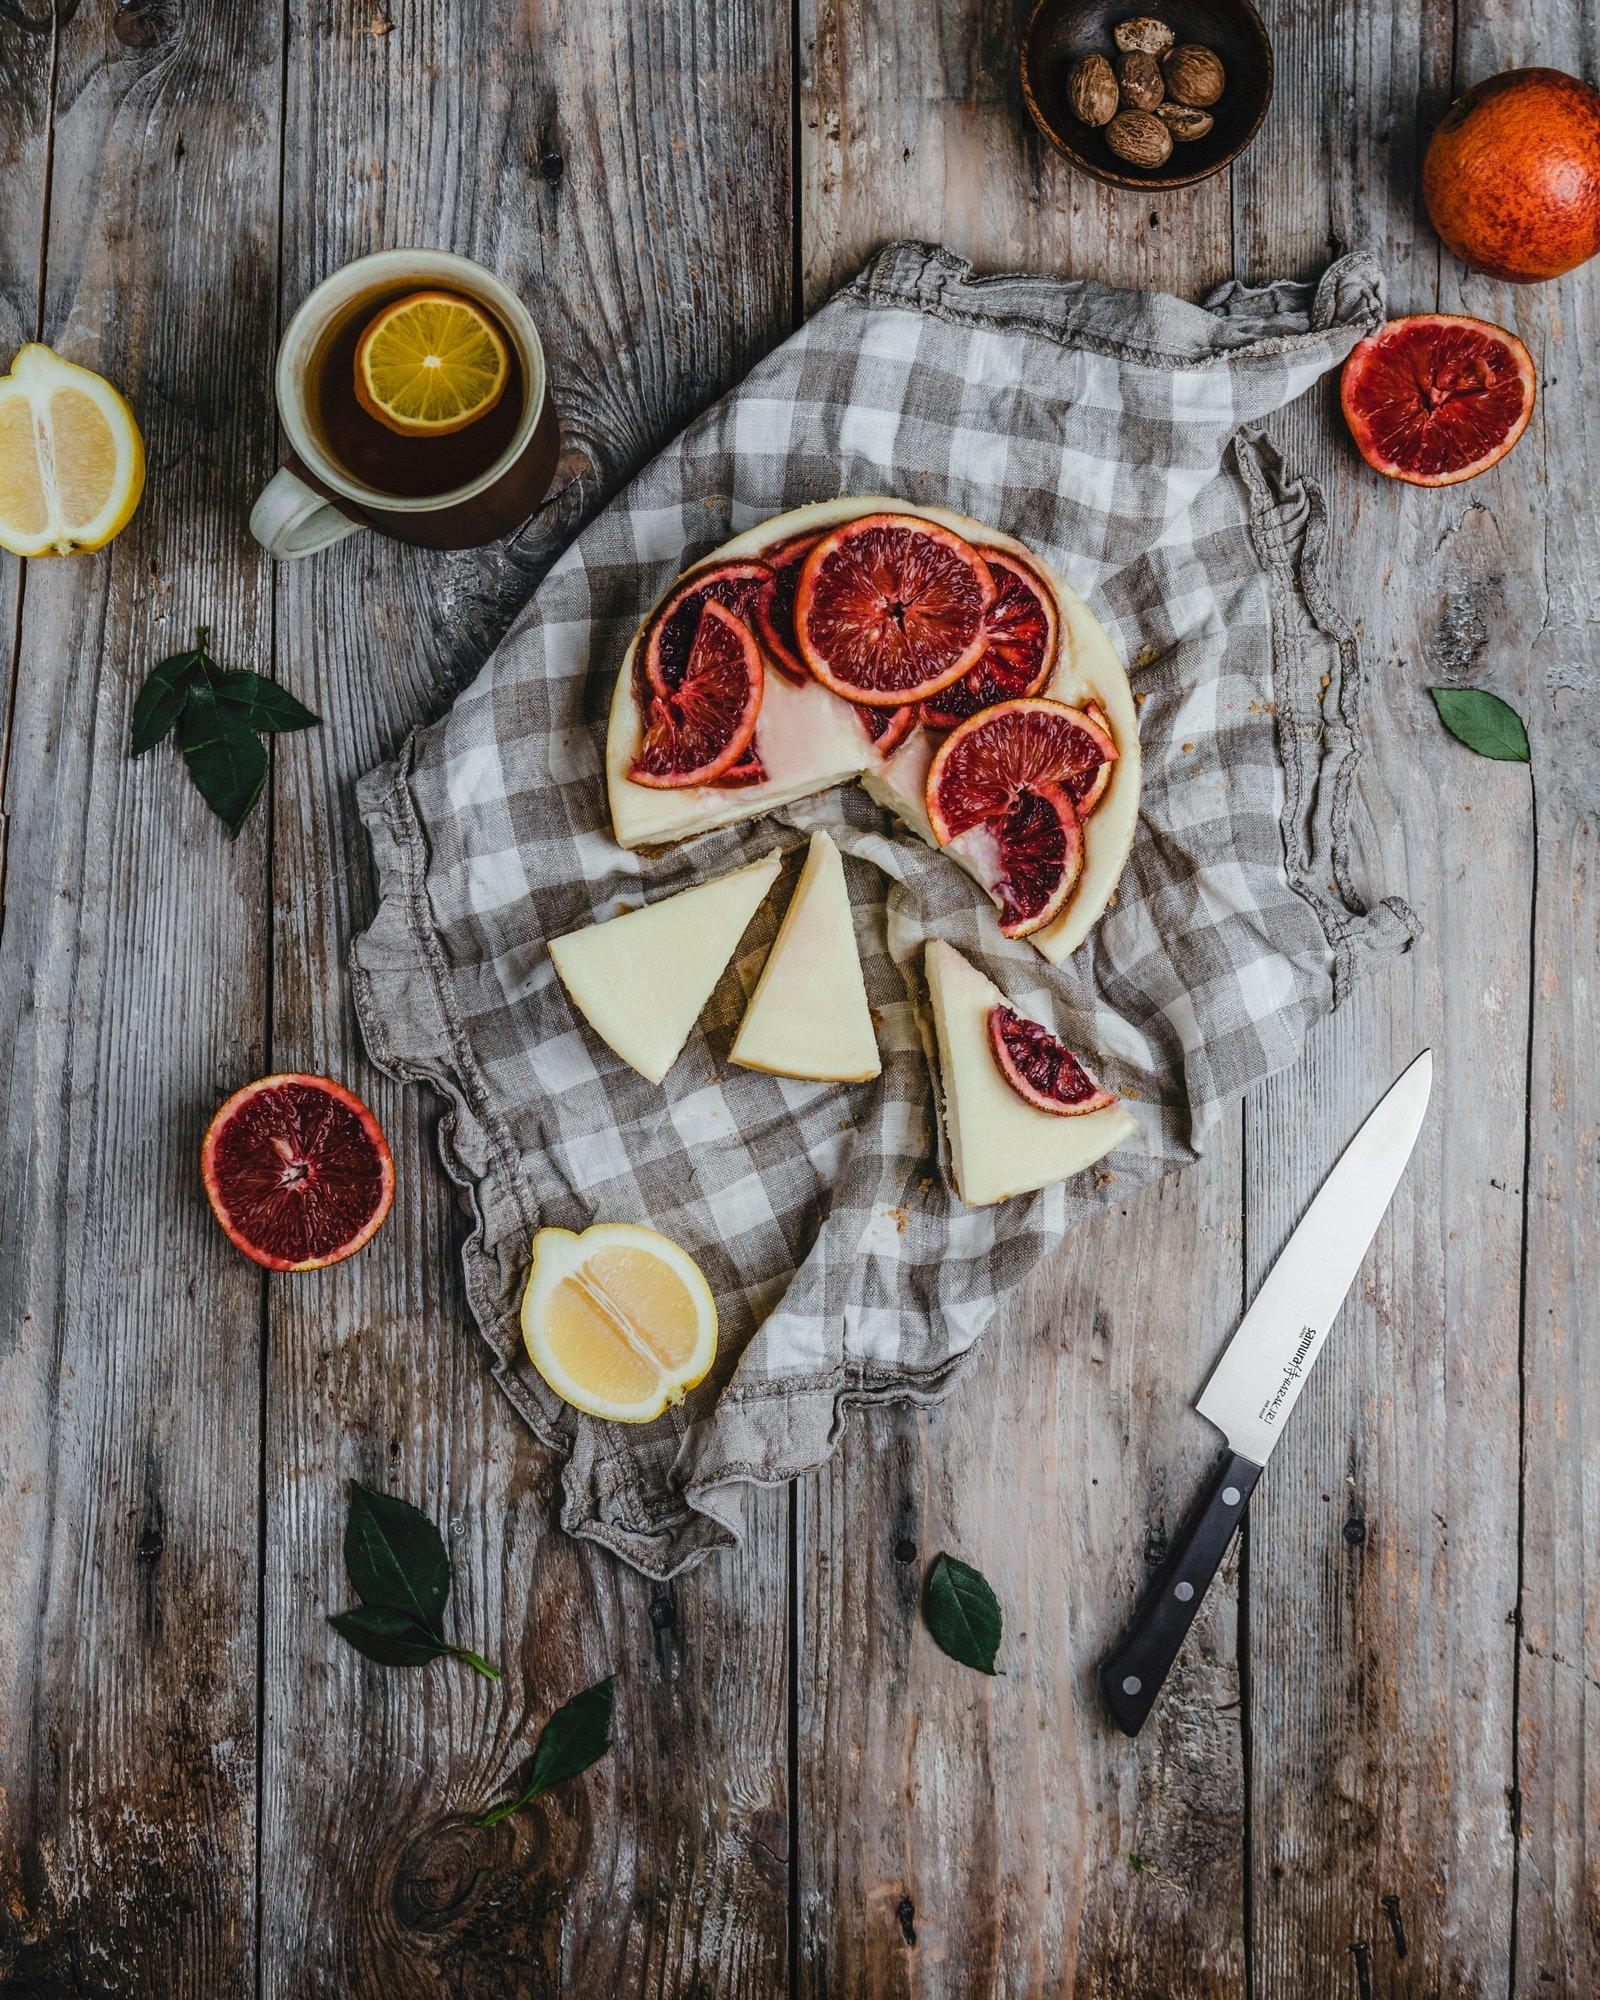 Фото 8 - Нож кухонный универсальный Samura